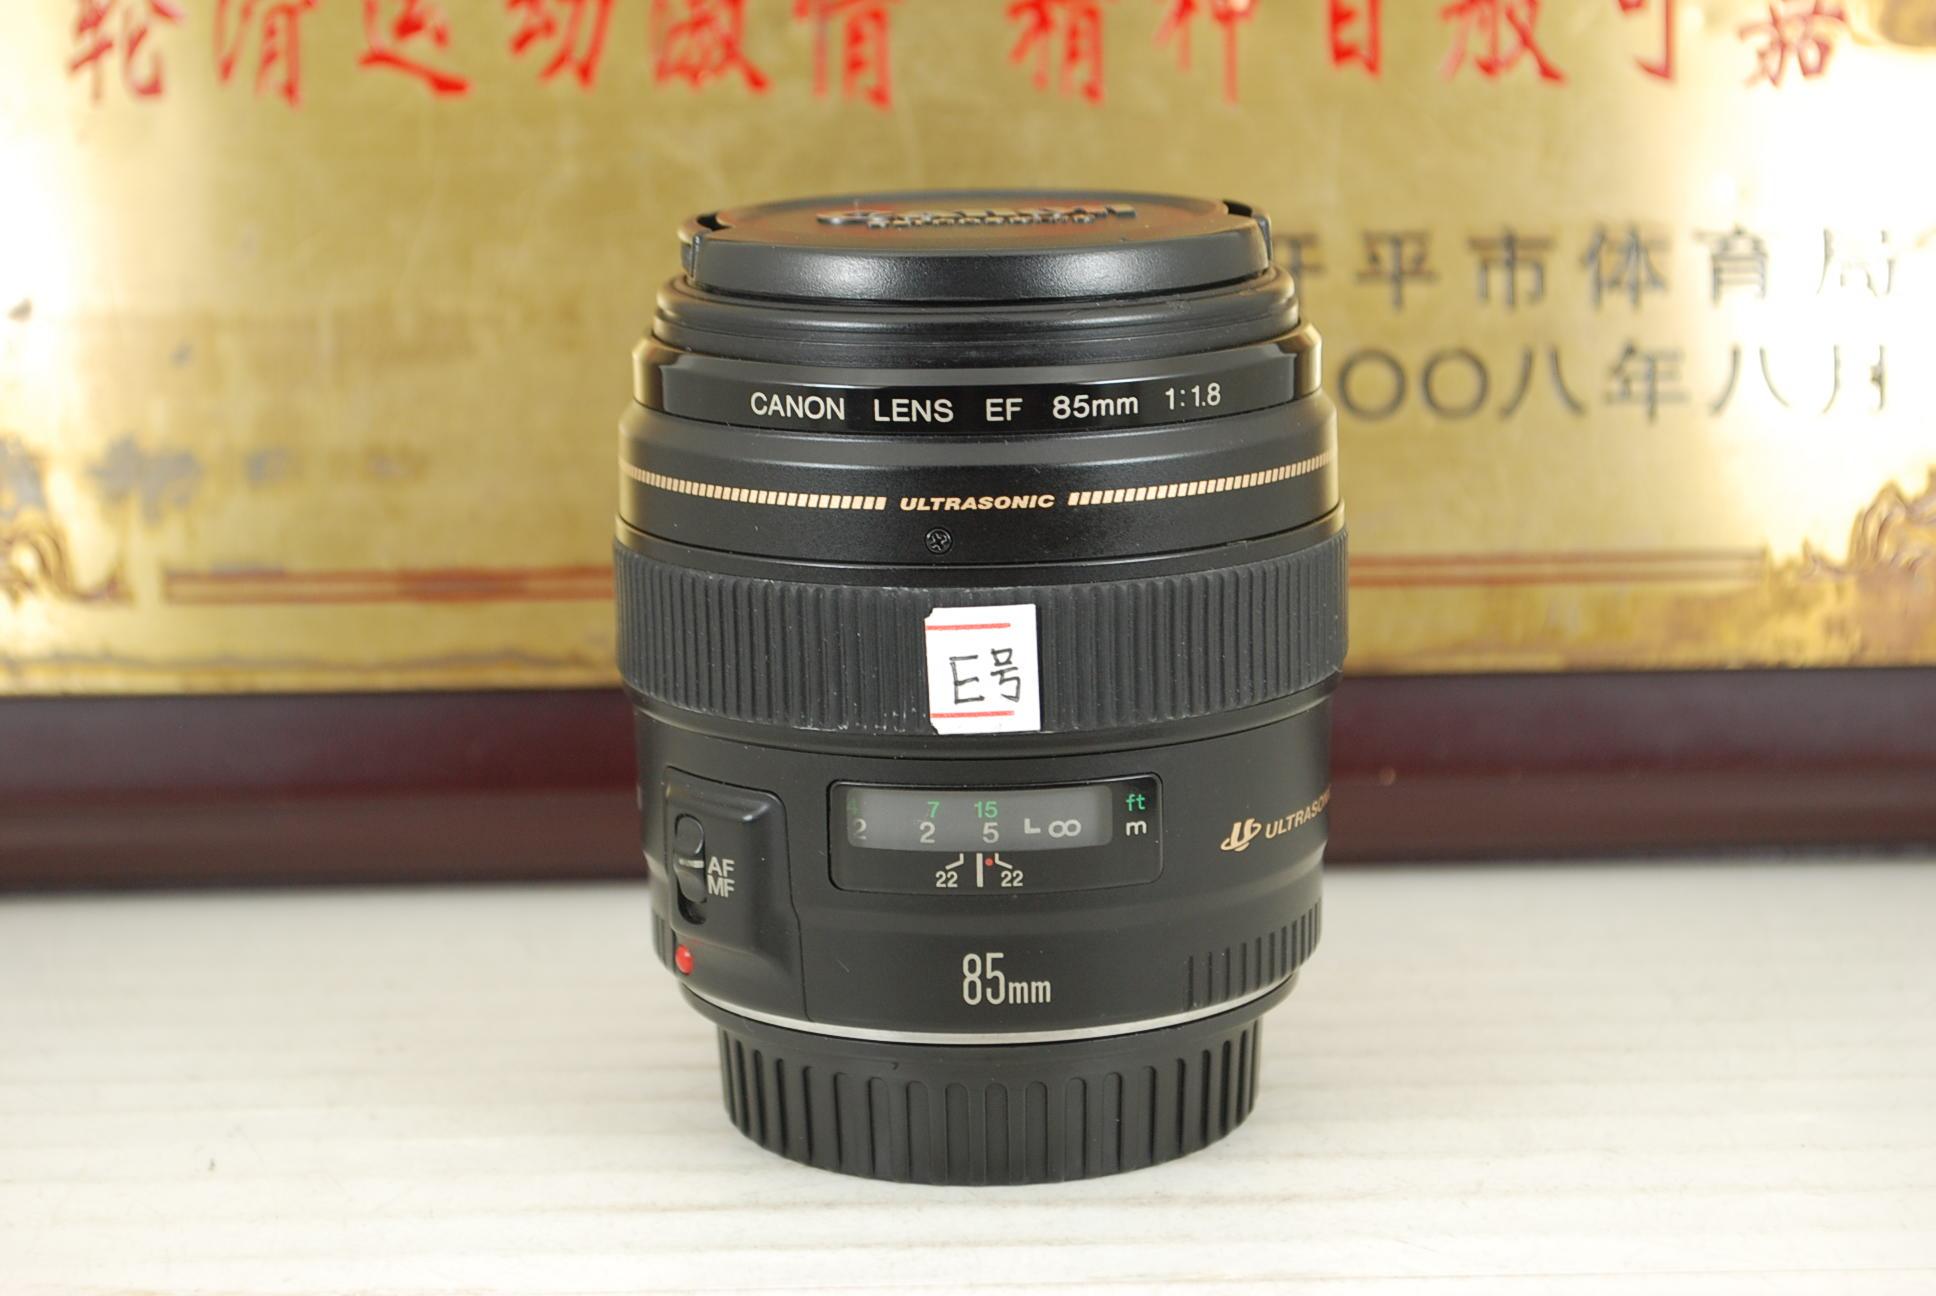 95新 佳能 85mm F1.8 USM 单反镜头 全画幅 大光圈专业定焦人像头